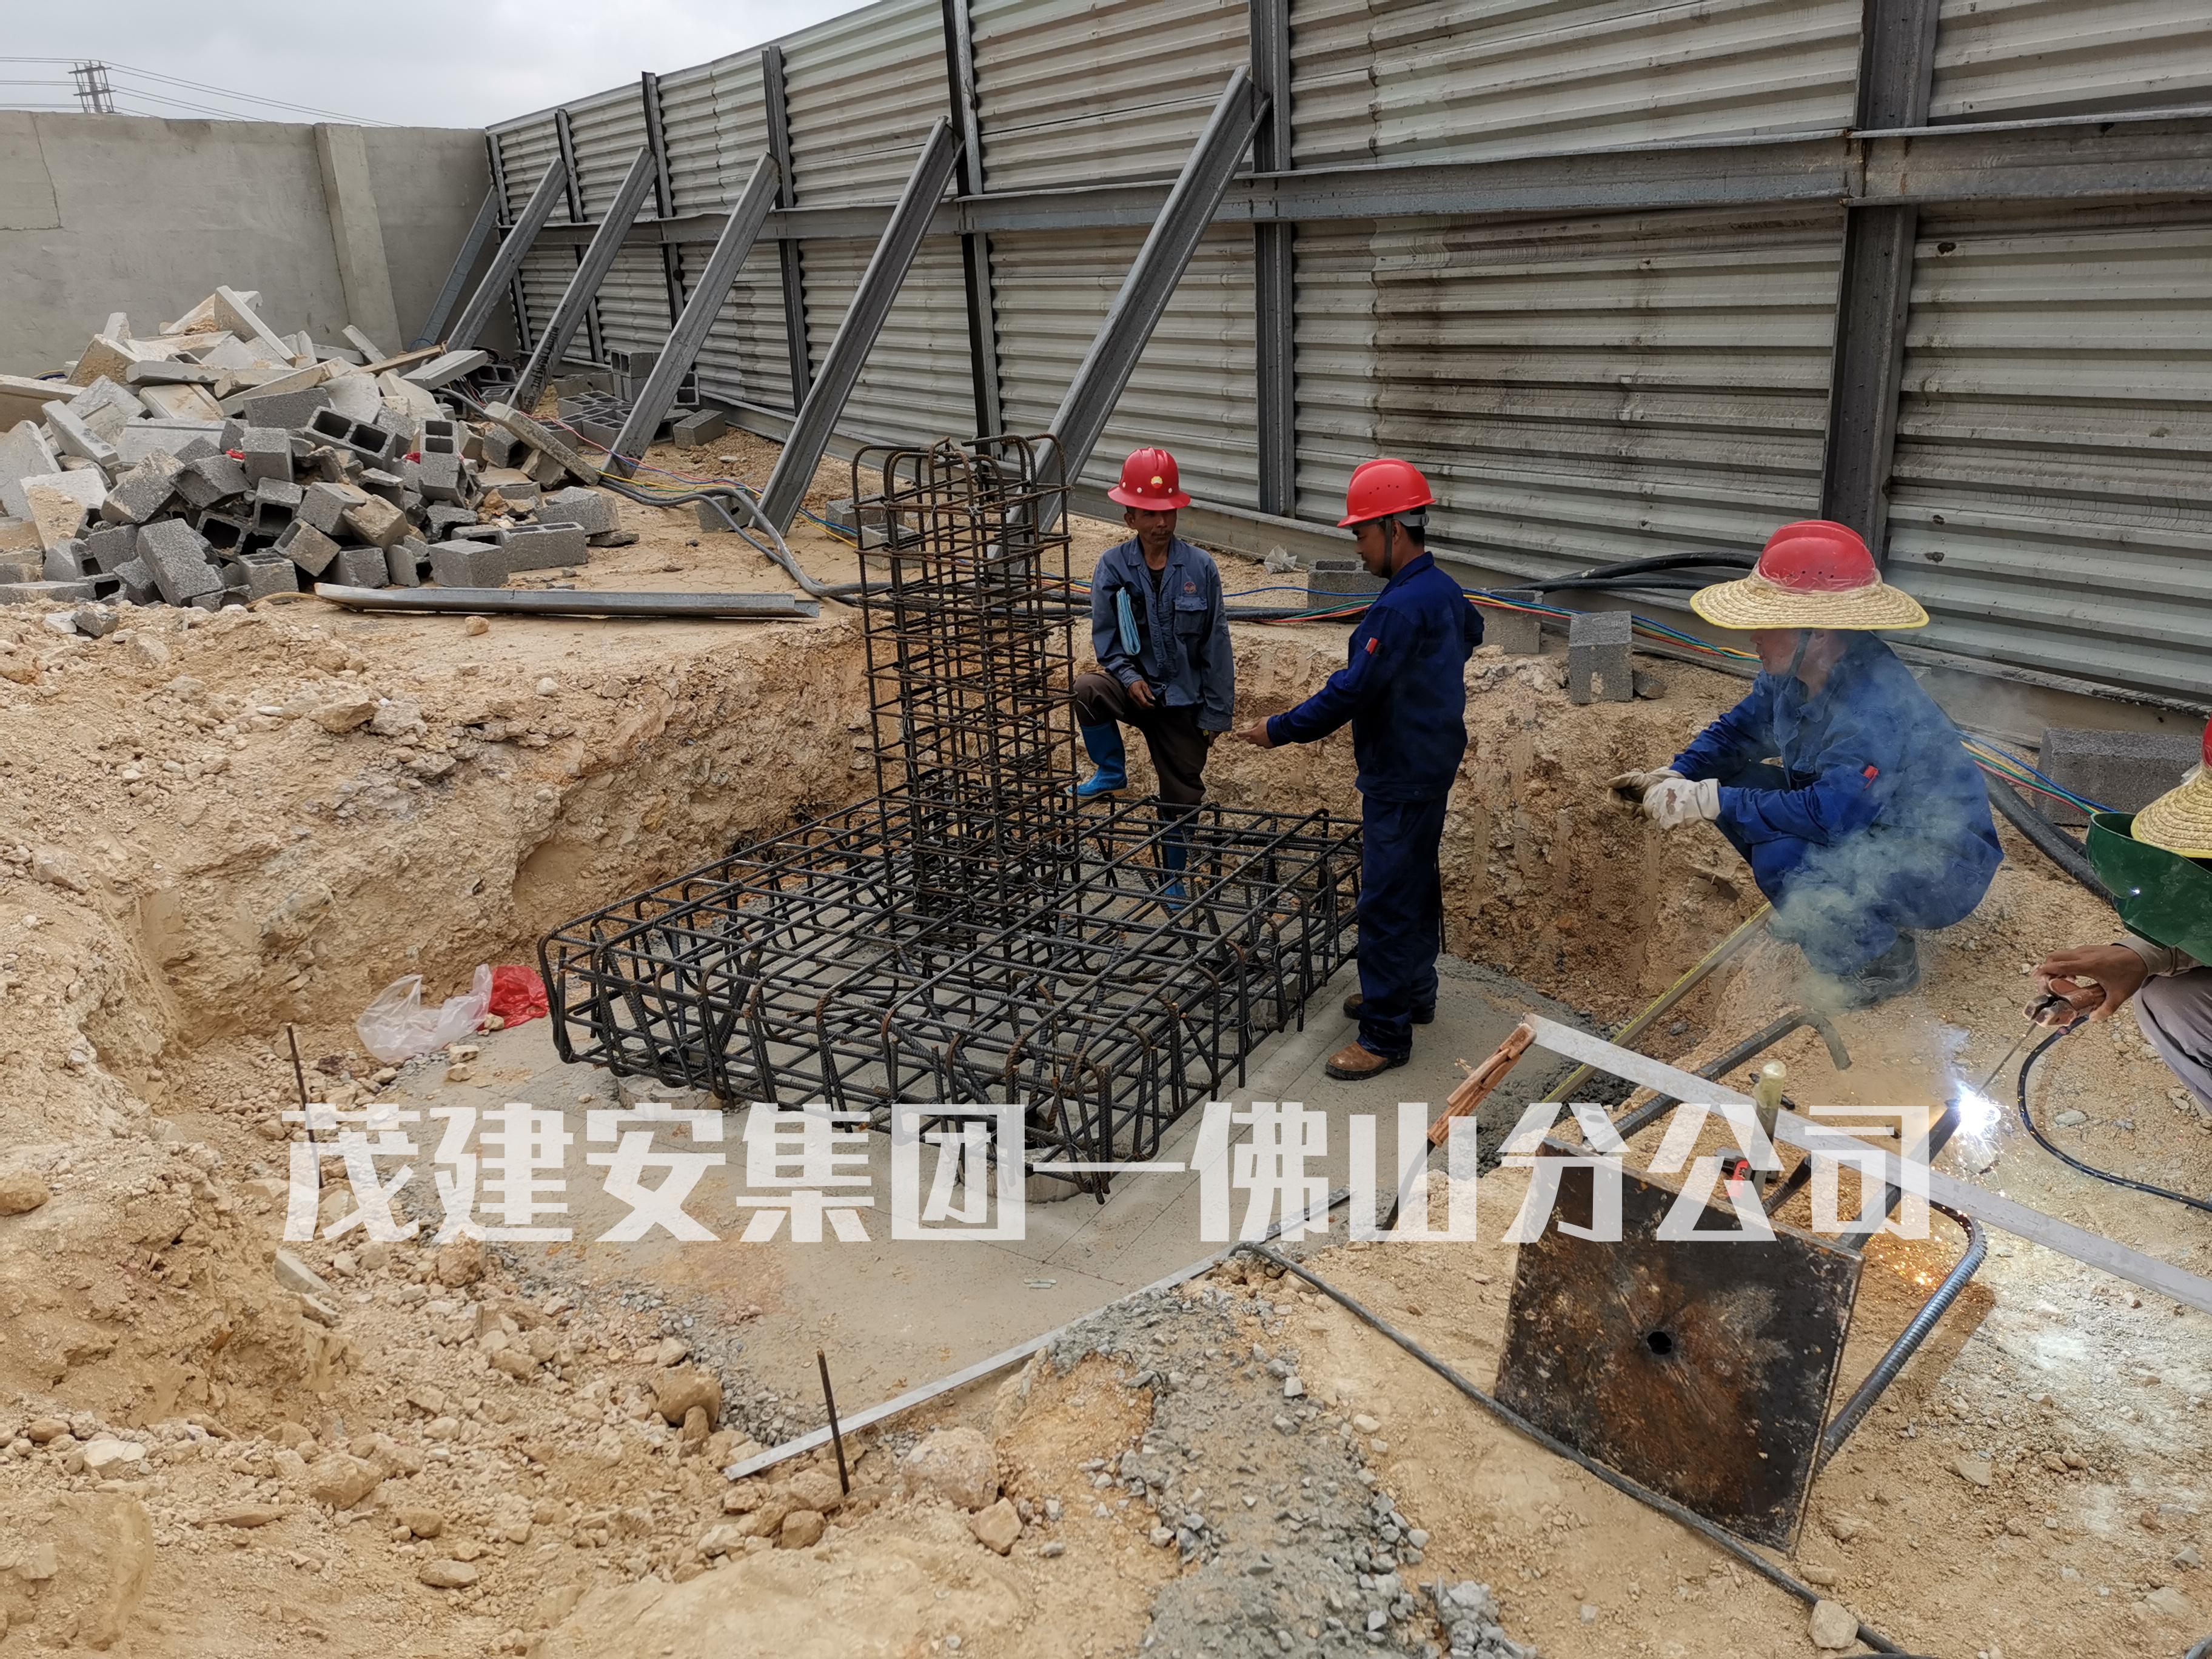 广西广盛高强耐磨新材料科技有限公司天然气气化站项目